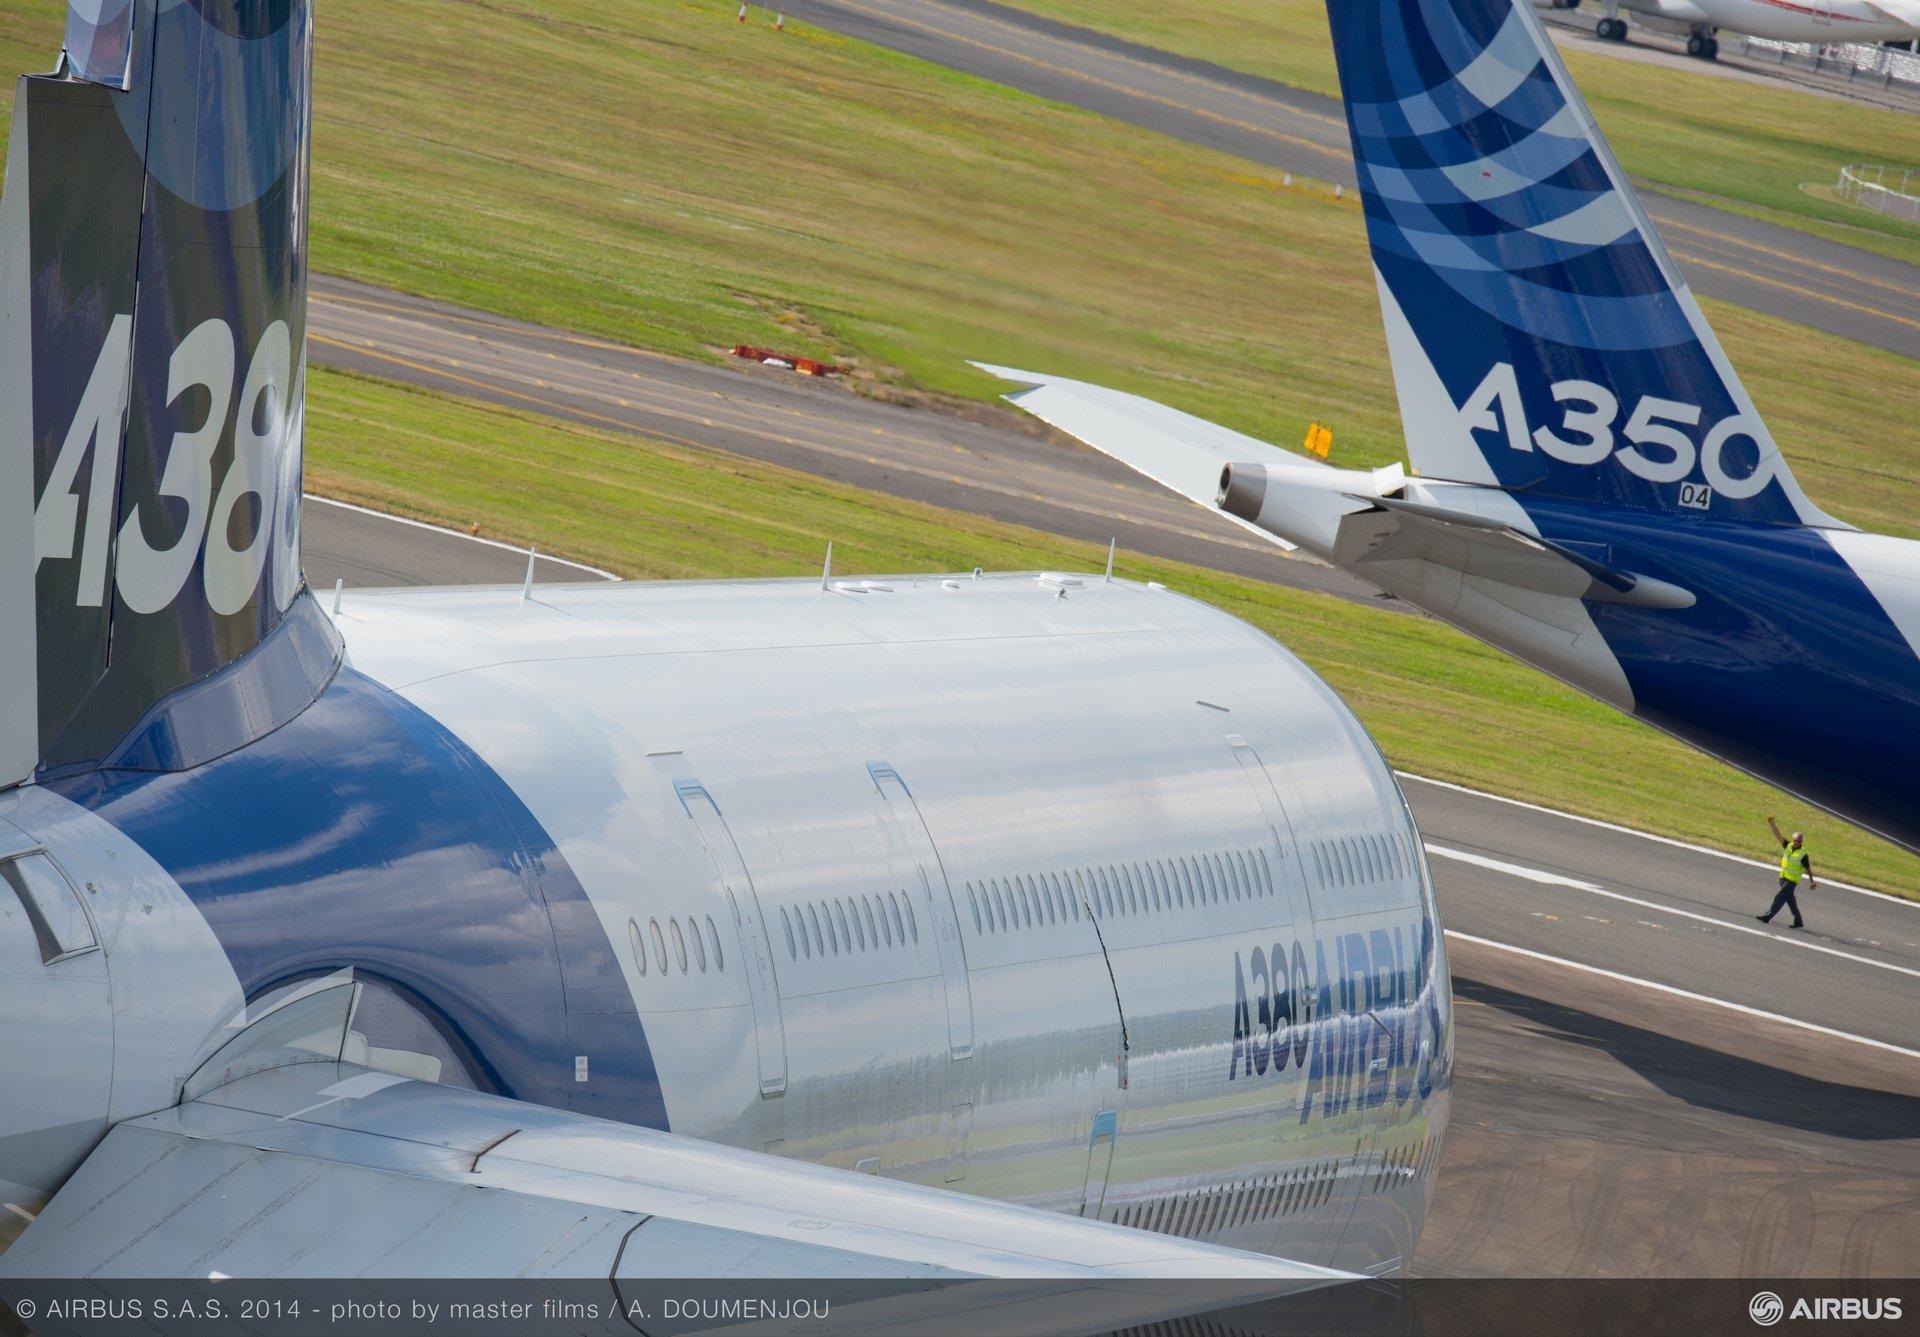 A350 XWB landing at Farnborough Airshow-2